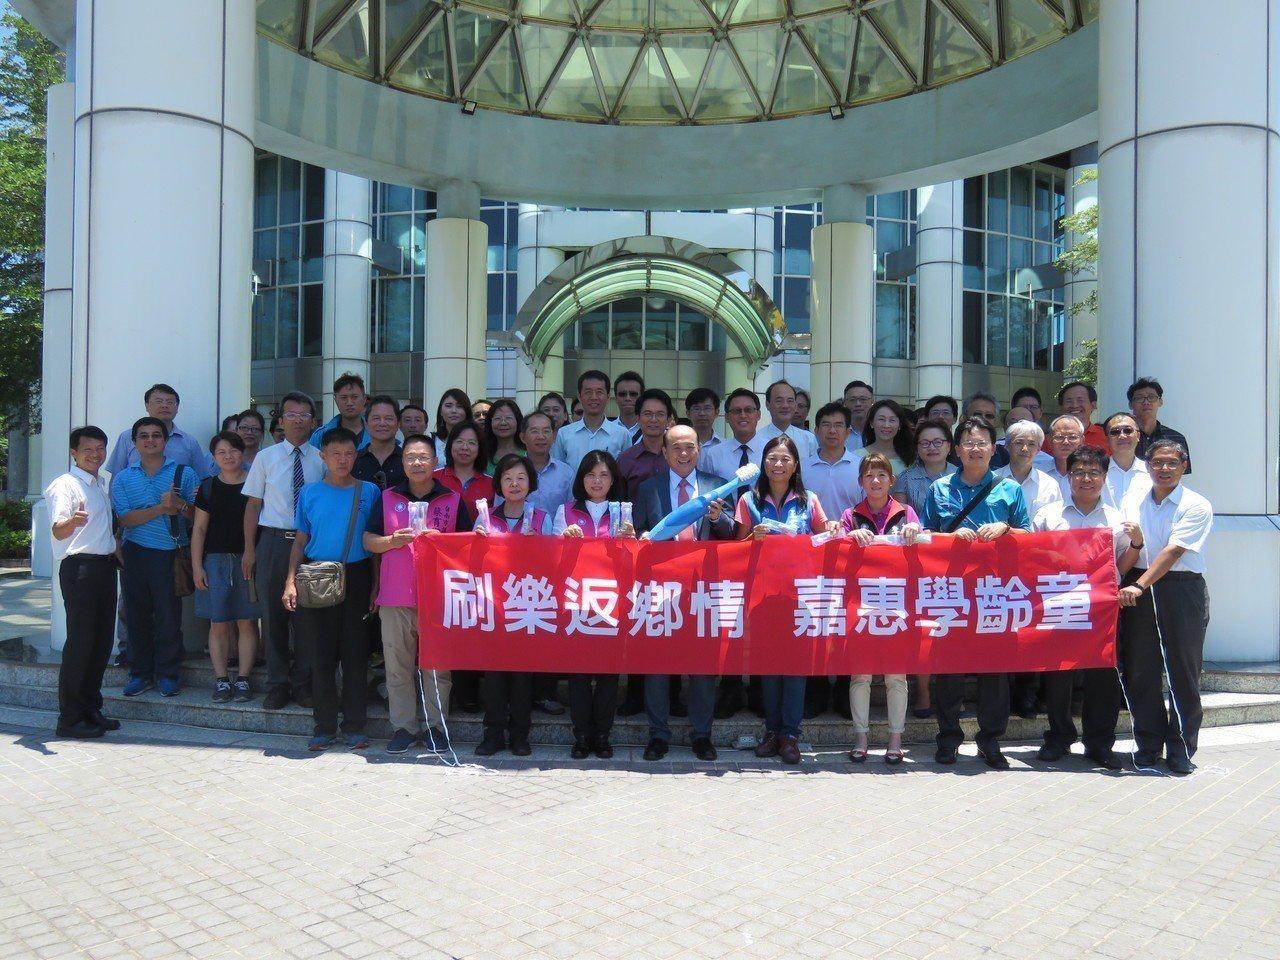 刷樂公司董事長陳永記返鄉贈送國小新生上萬組的牙刷,協助牙齒保健。圖/議員提供